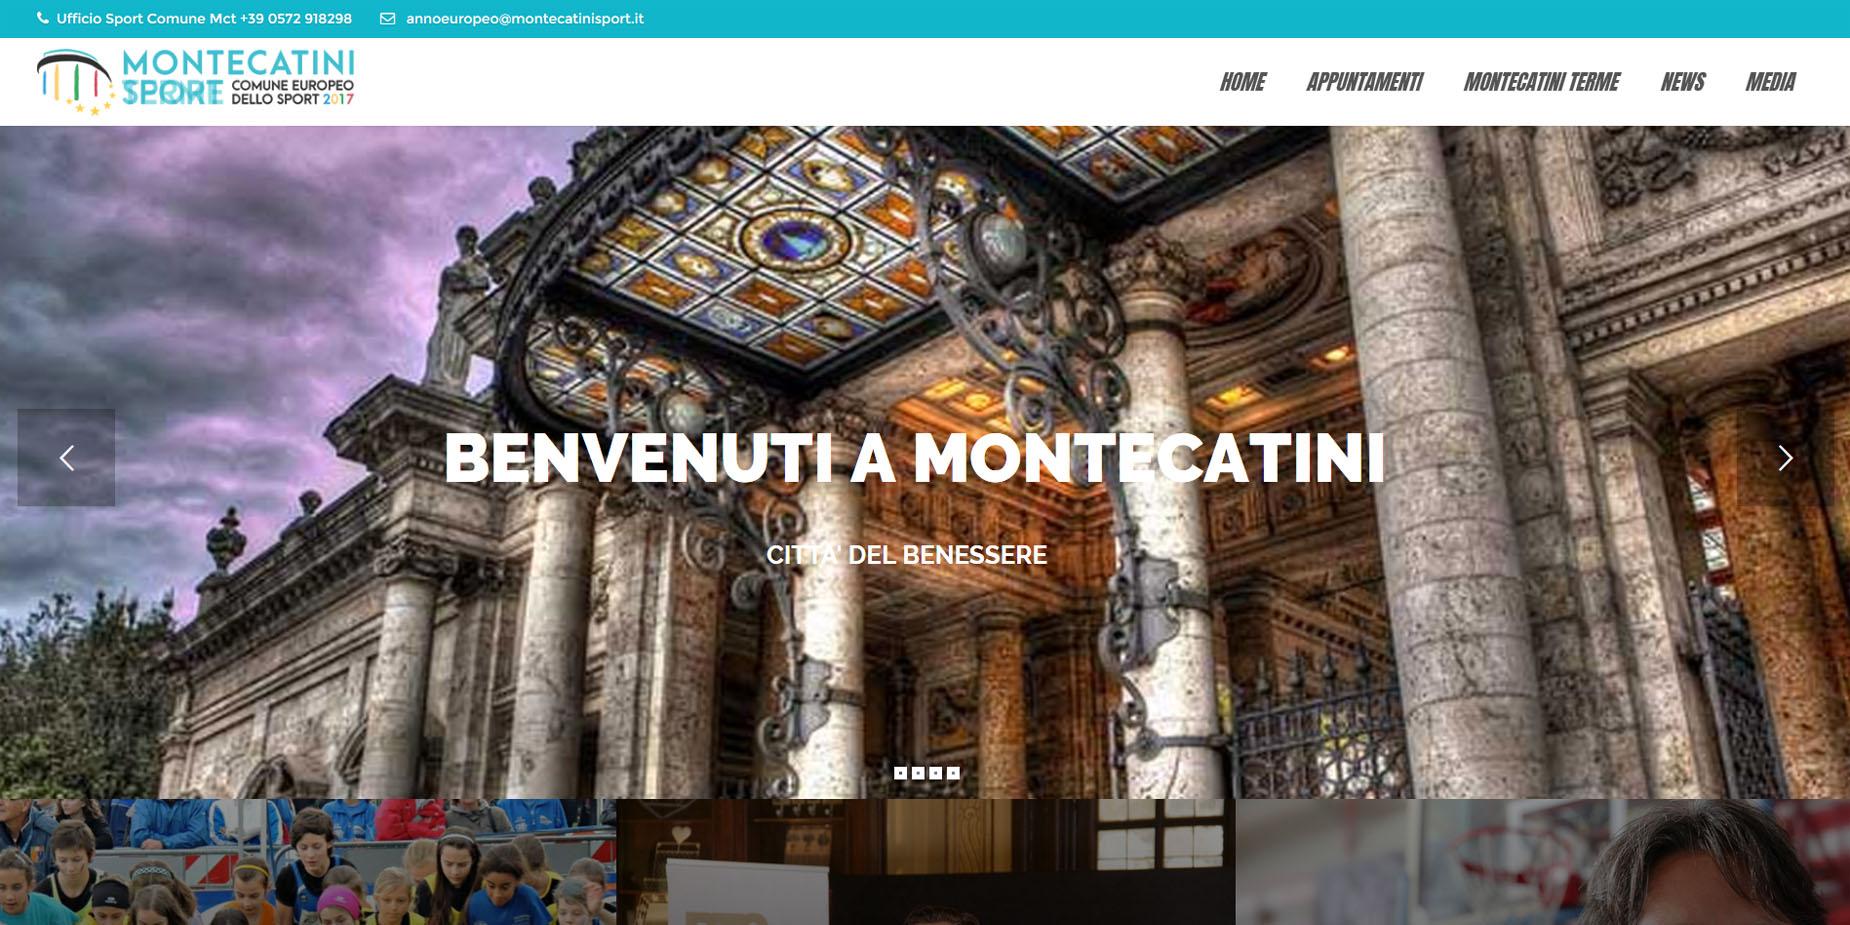 montecanisport_01